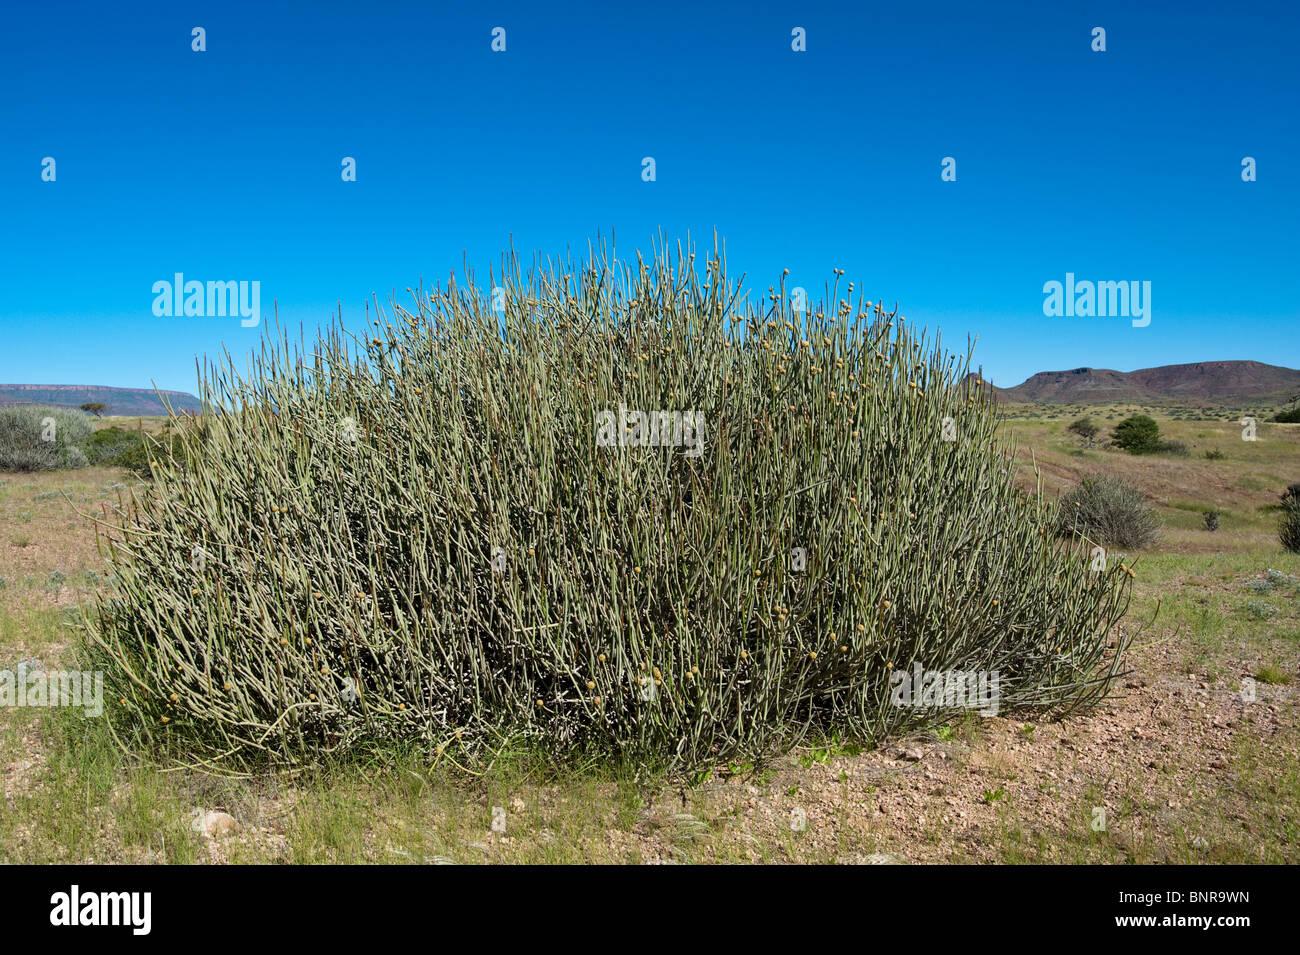 Darama Euphorbia Euphorbia Damarana endemische Arten an Palmwag in Namibia Stockbild